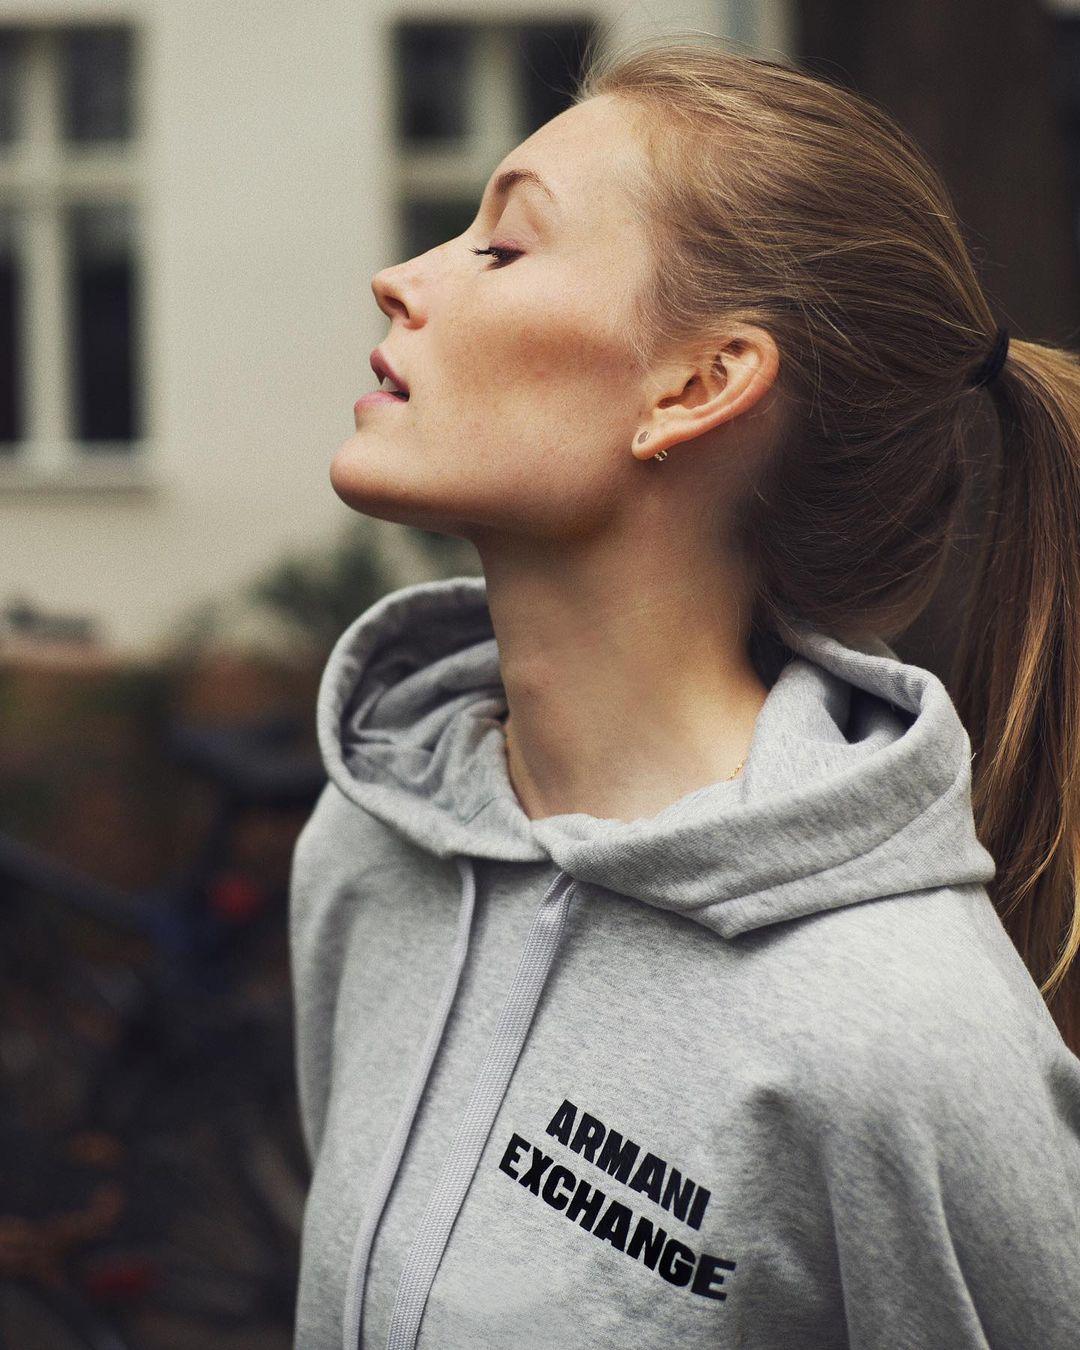 Caroline-Lossberg-3